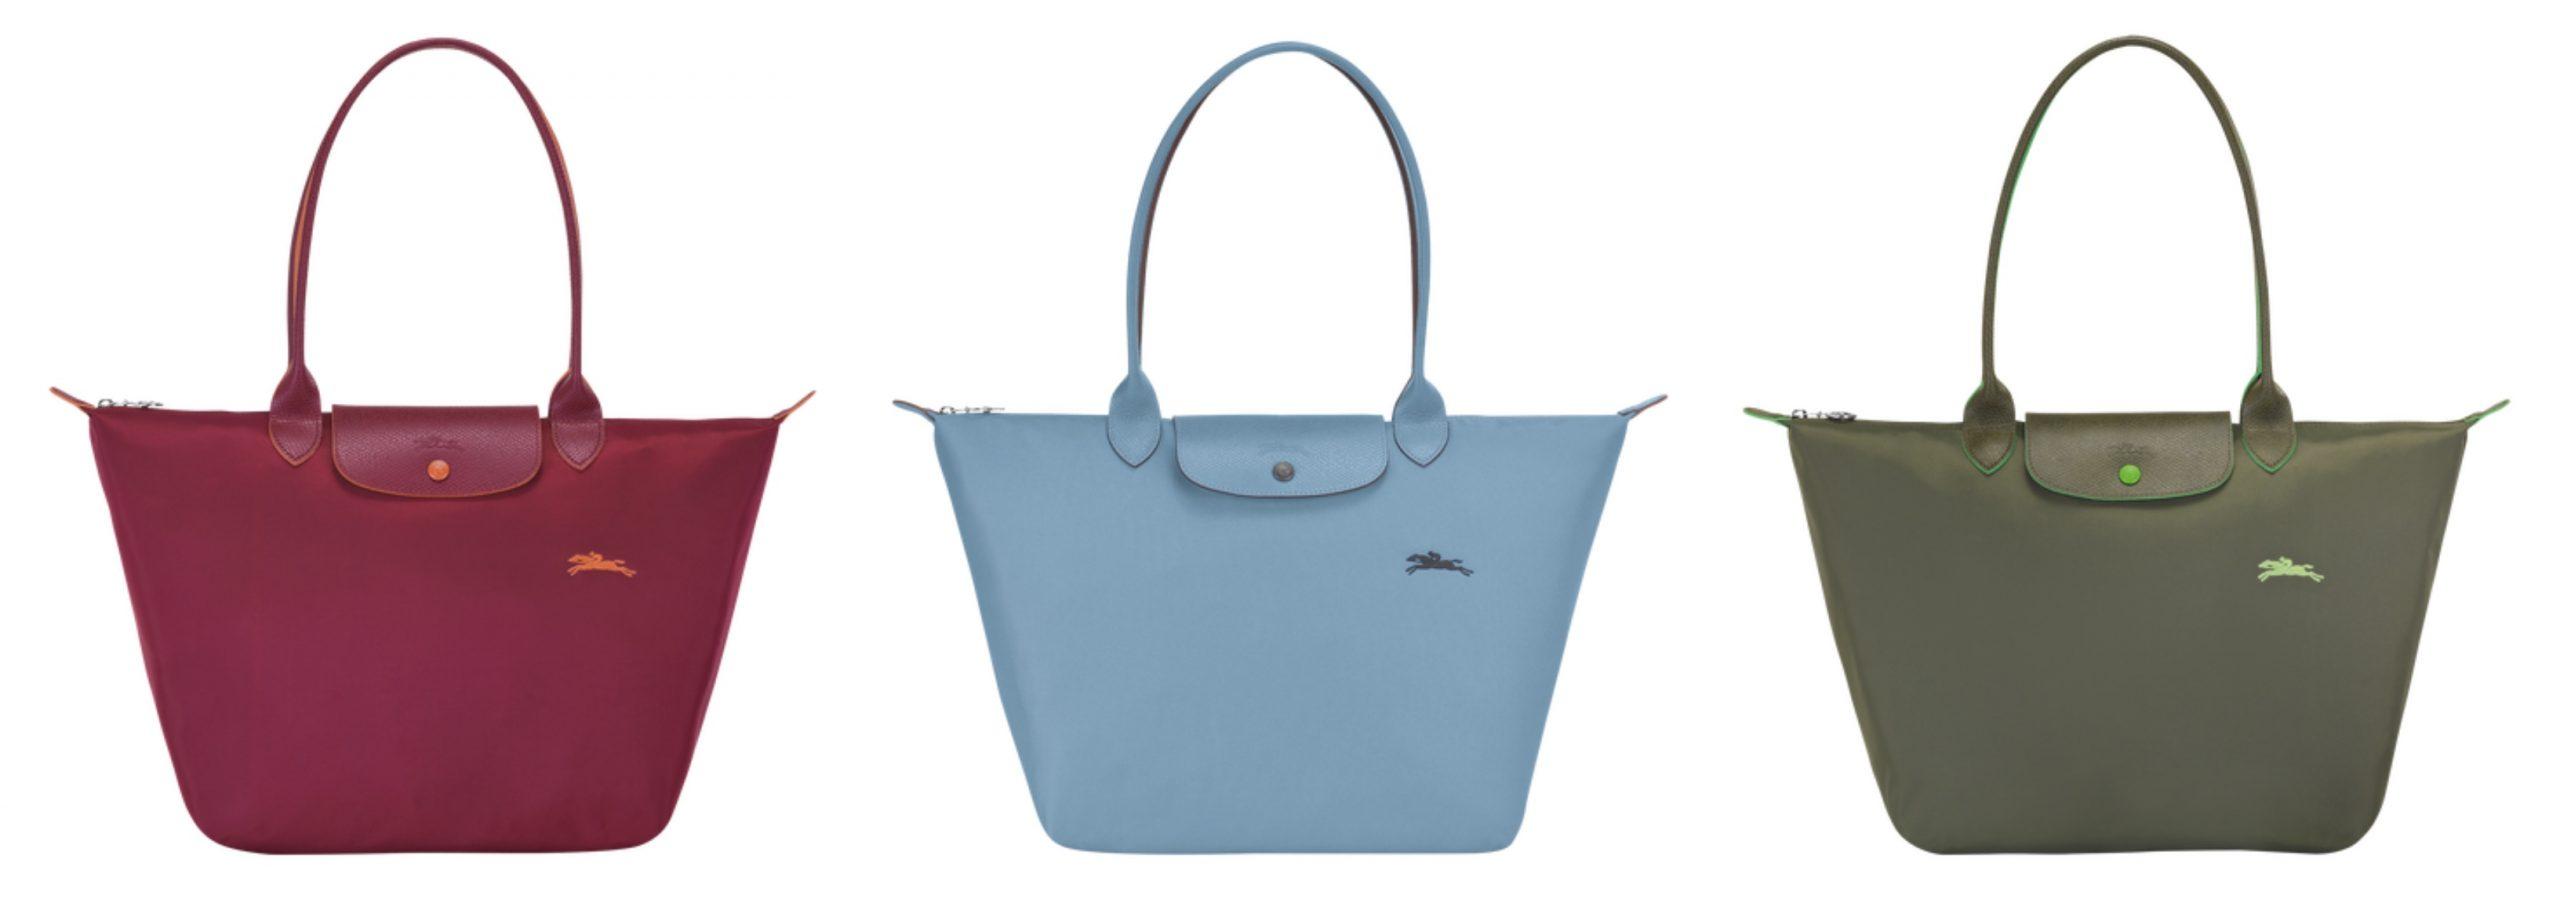 3 bolsos de la marca Longchamp, el primero de color burdeos, el segundo de color azul y el tercero de color verde.